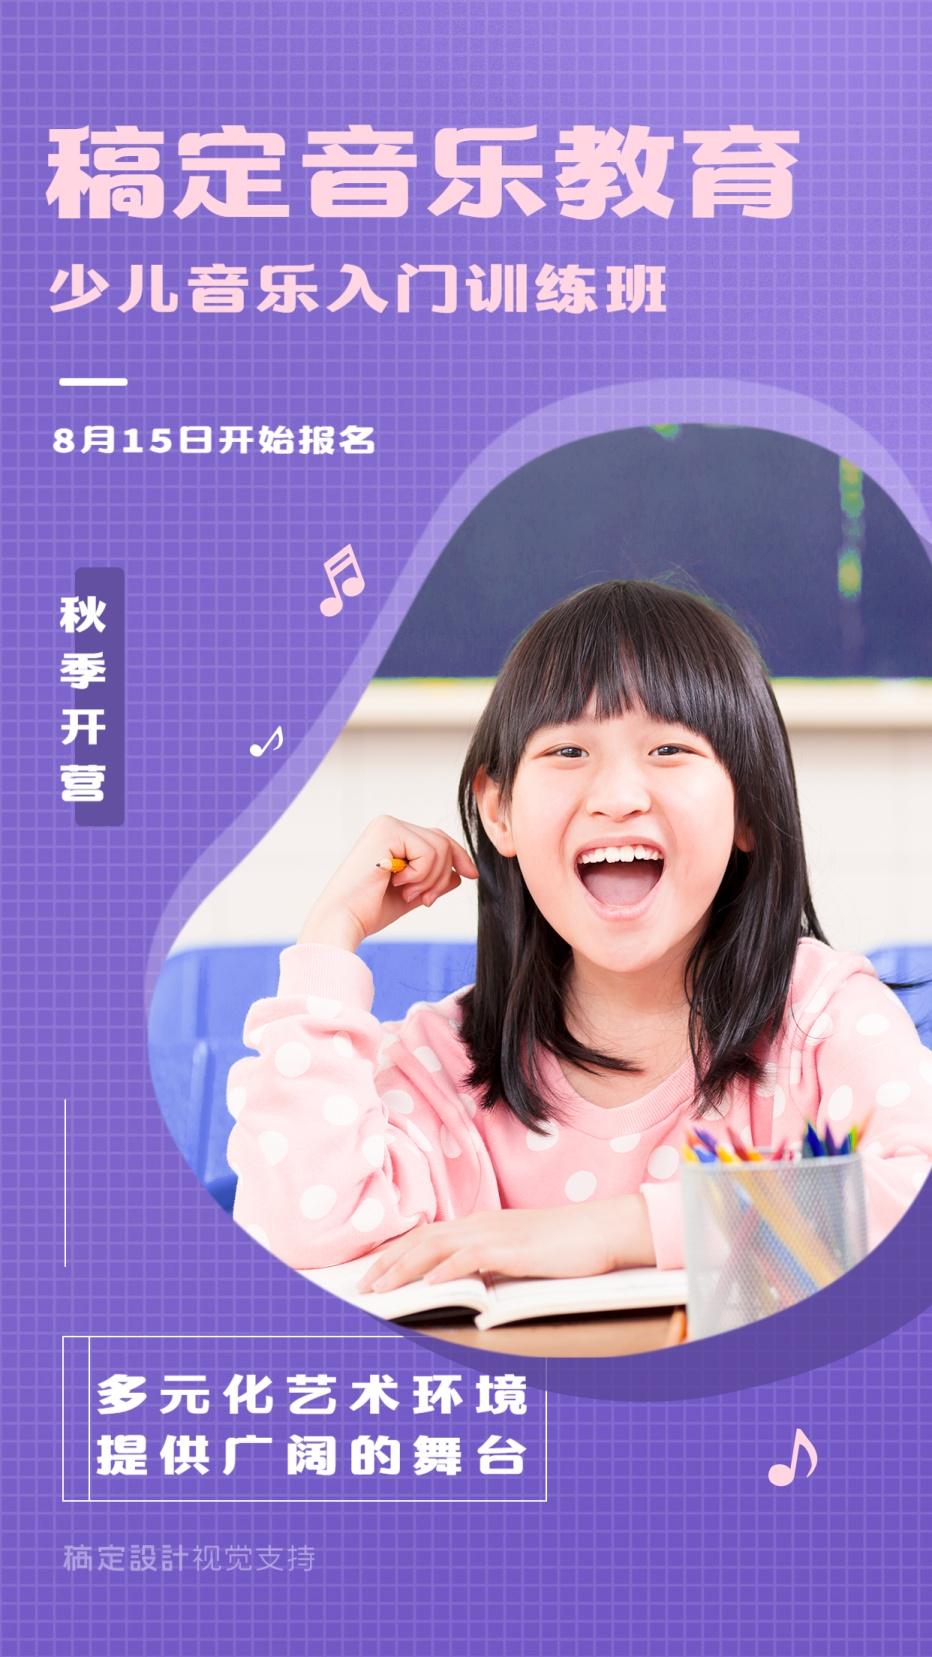 中小学音乐班招生促销海报